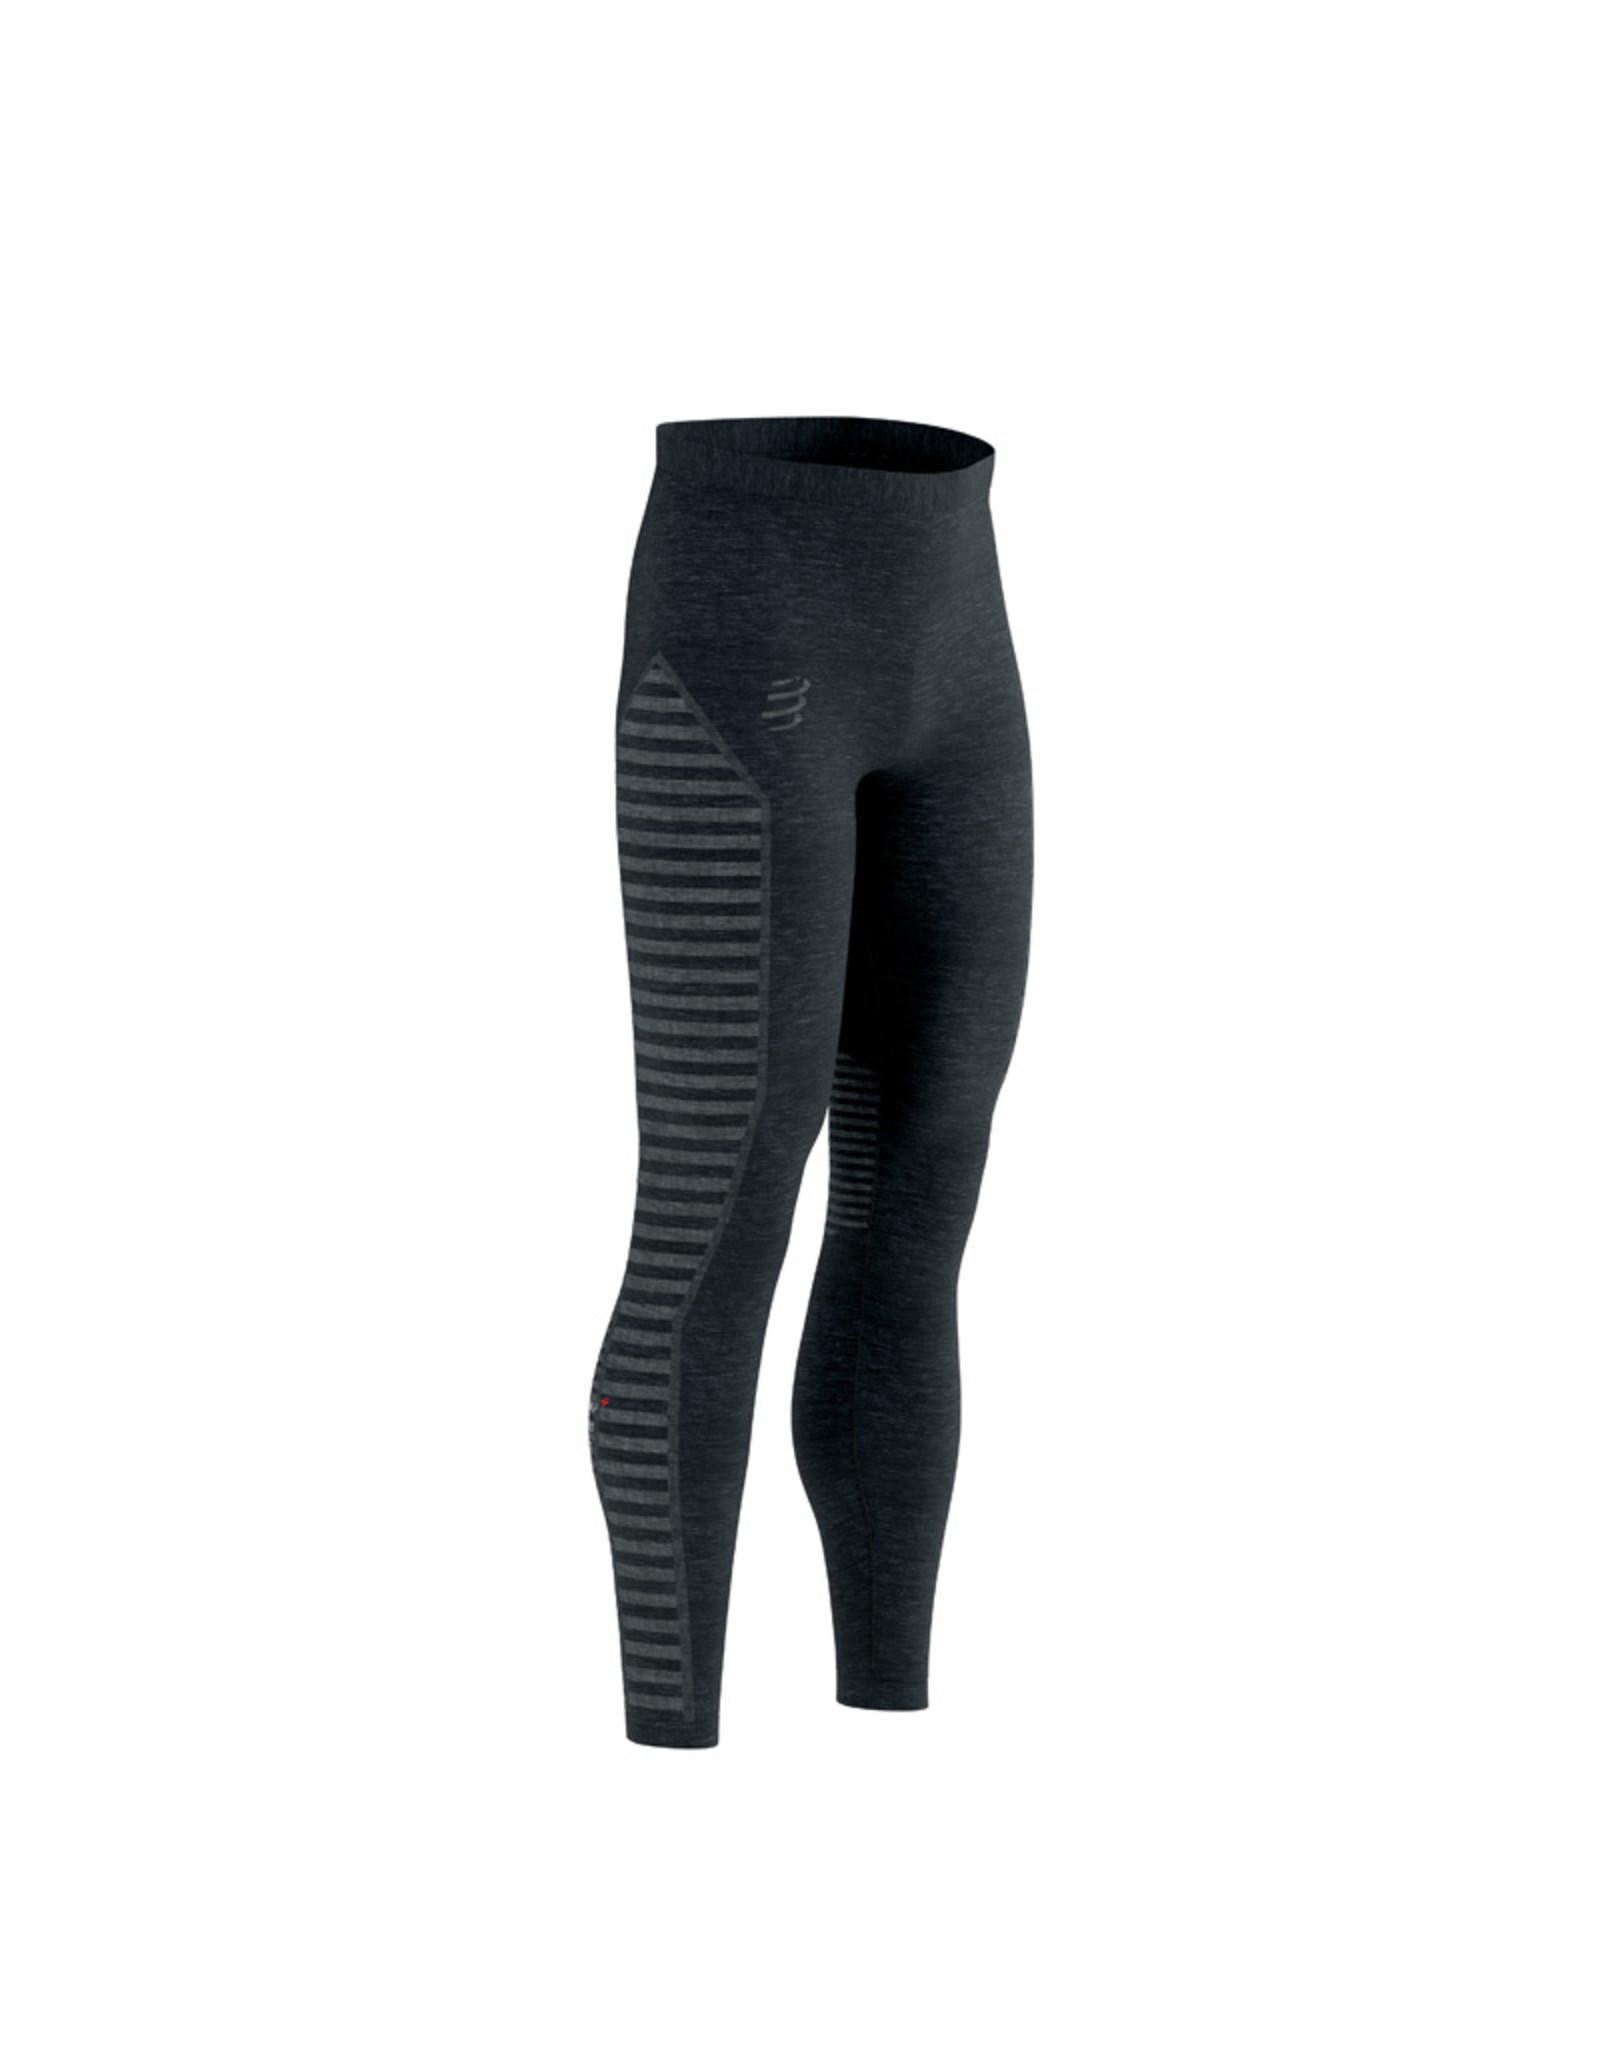 Compressport Winter Run Legging Noir